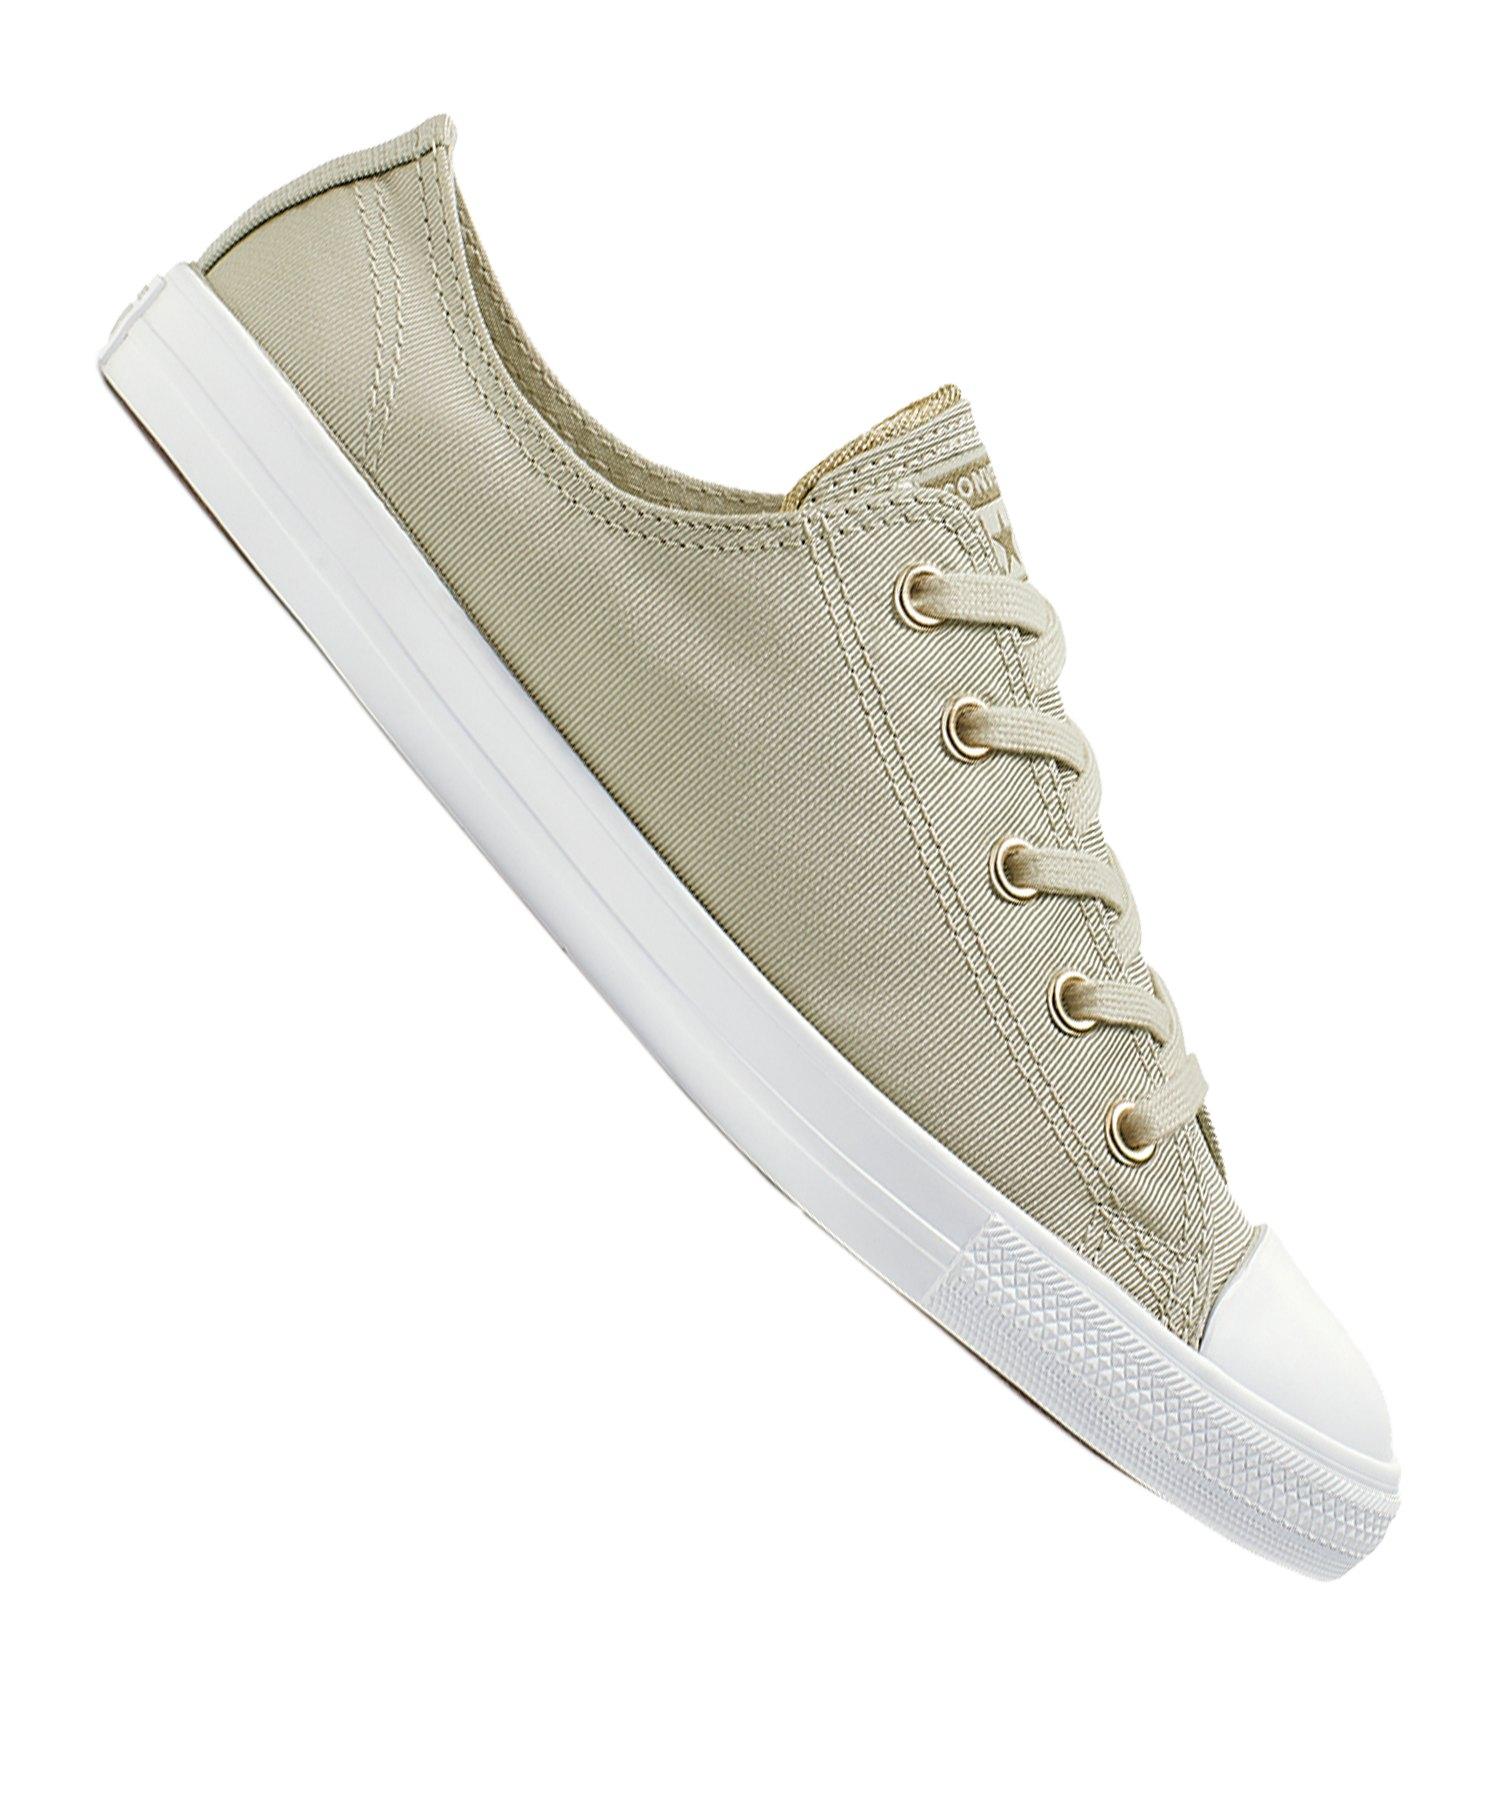 Converse Chuck Taylor AS OX Sneaker Damen F314 - gruen